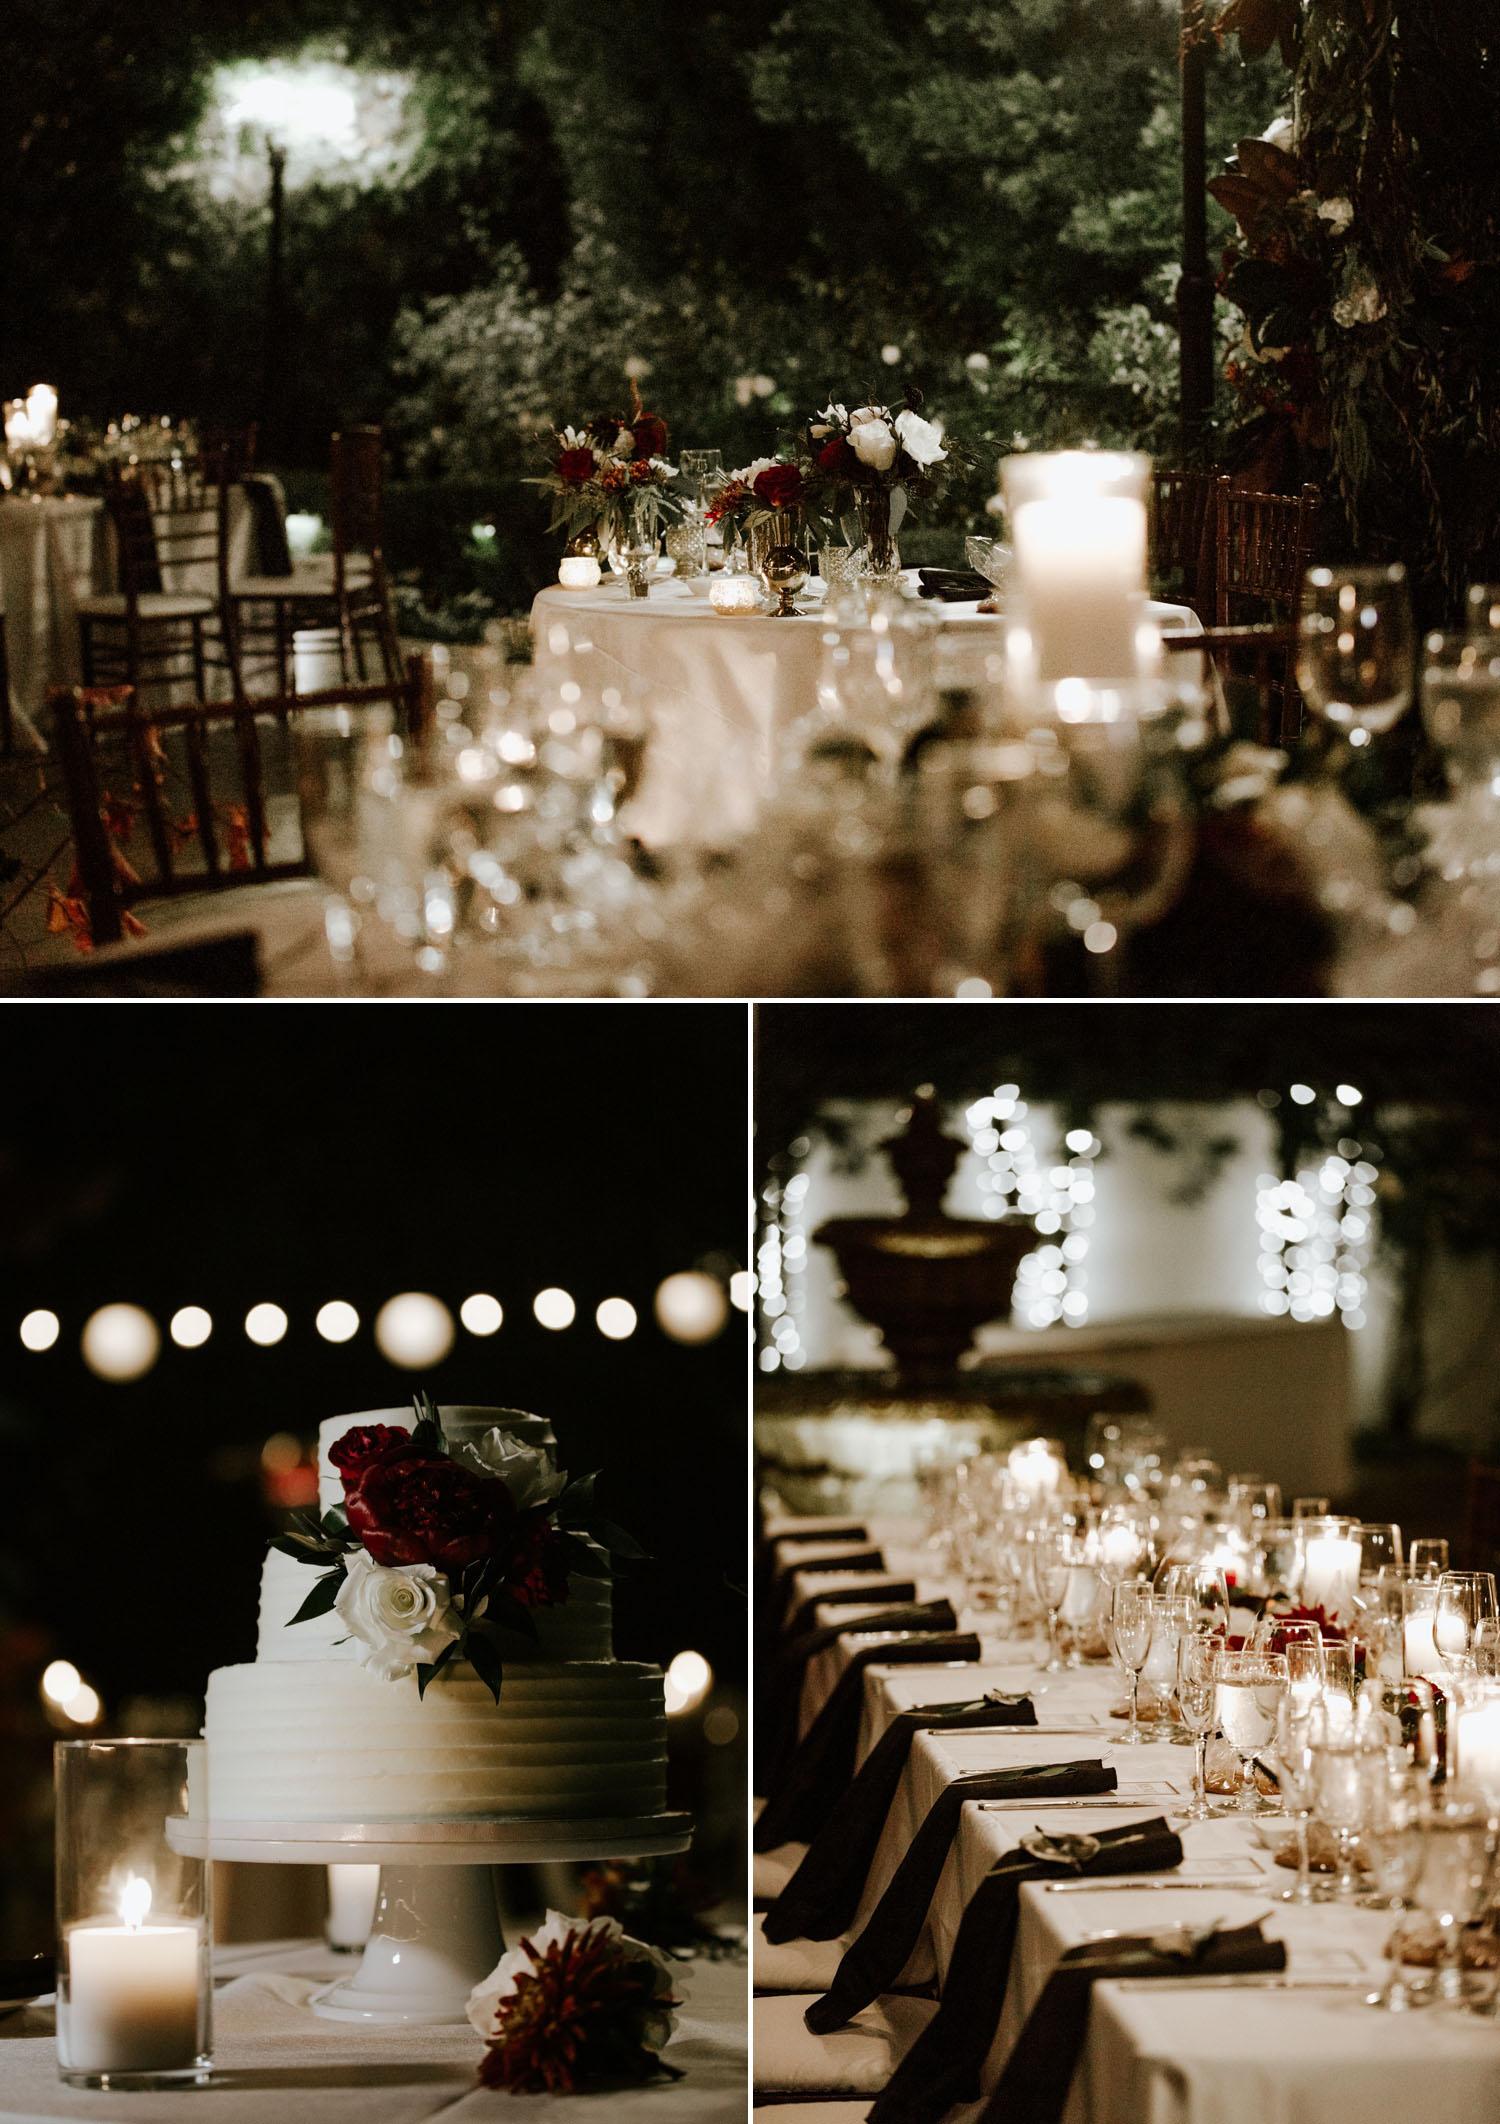 Intimate holiday wedding at Franciscan Gardens